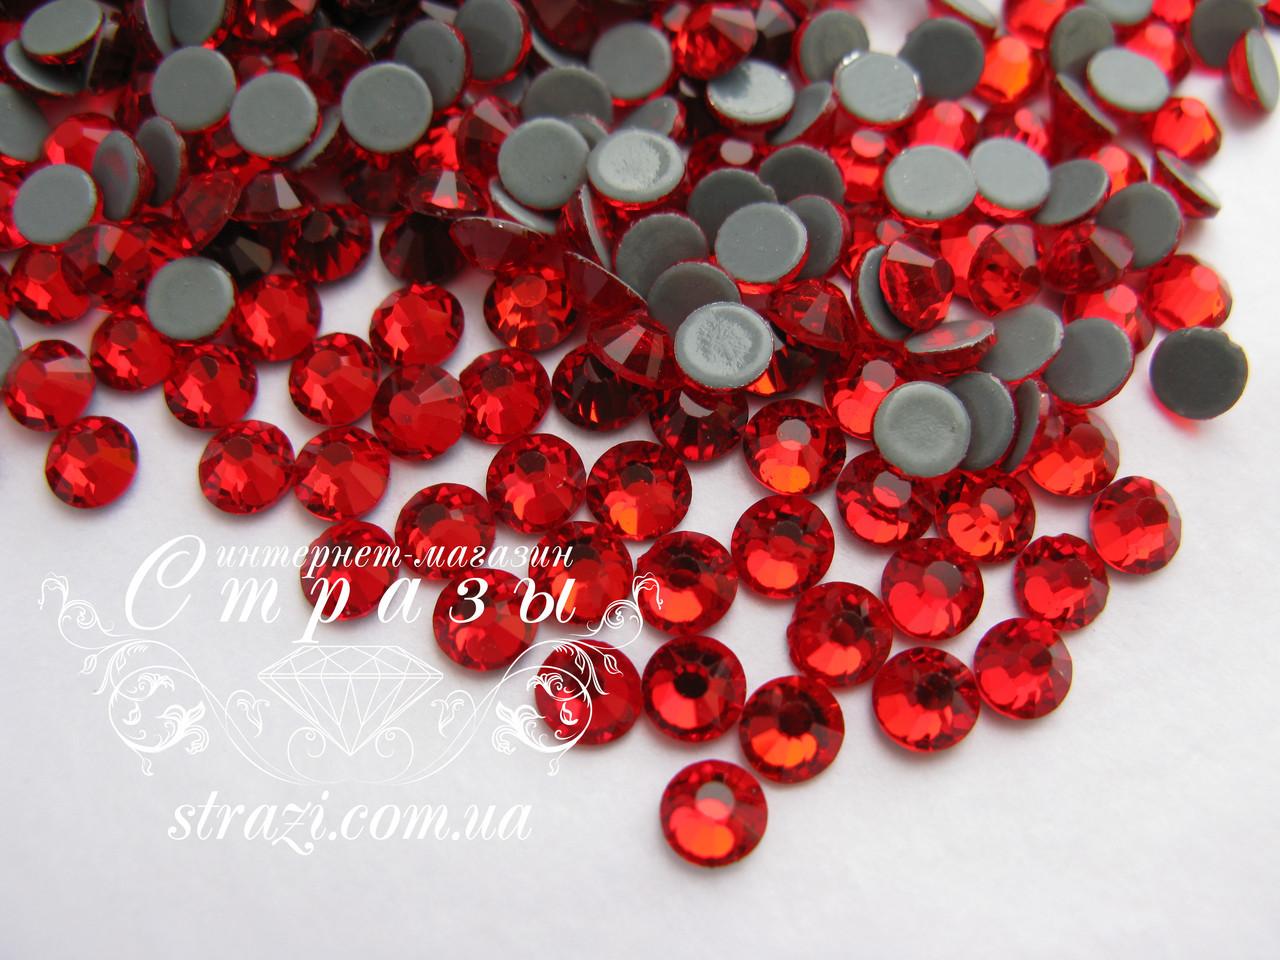 Термо стразы Lux ss16 Lt.Siam (4.0mm) 1440шт